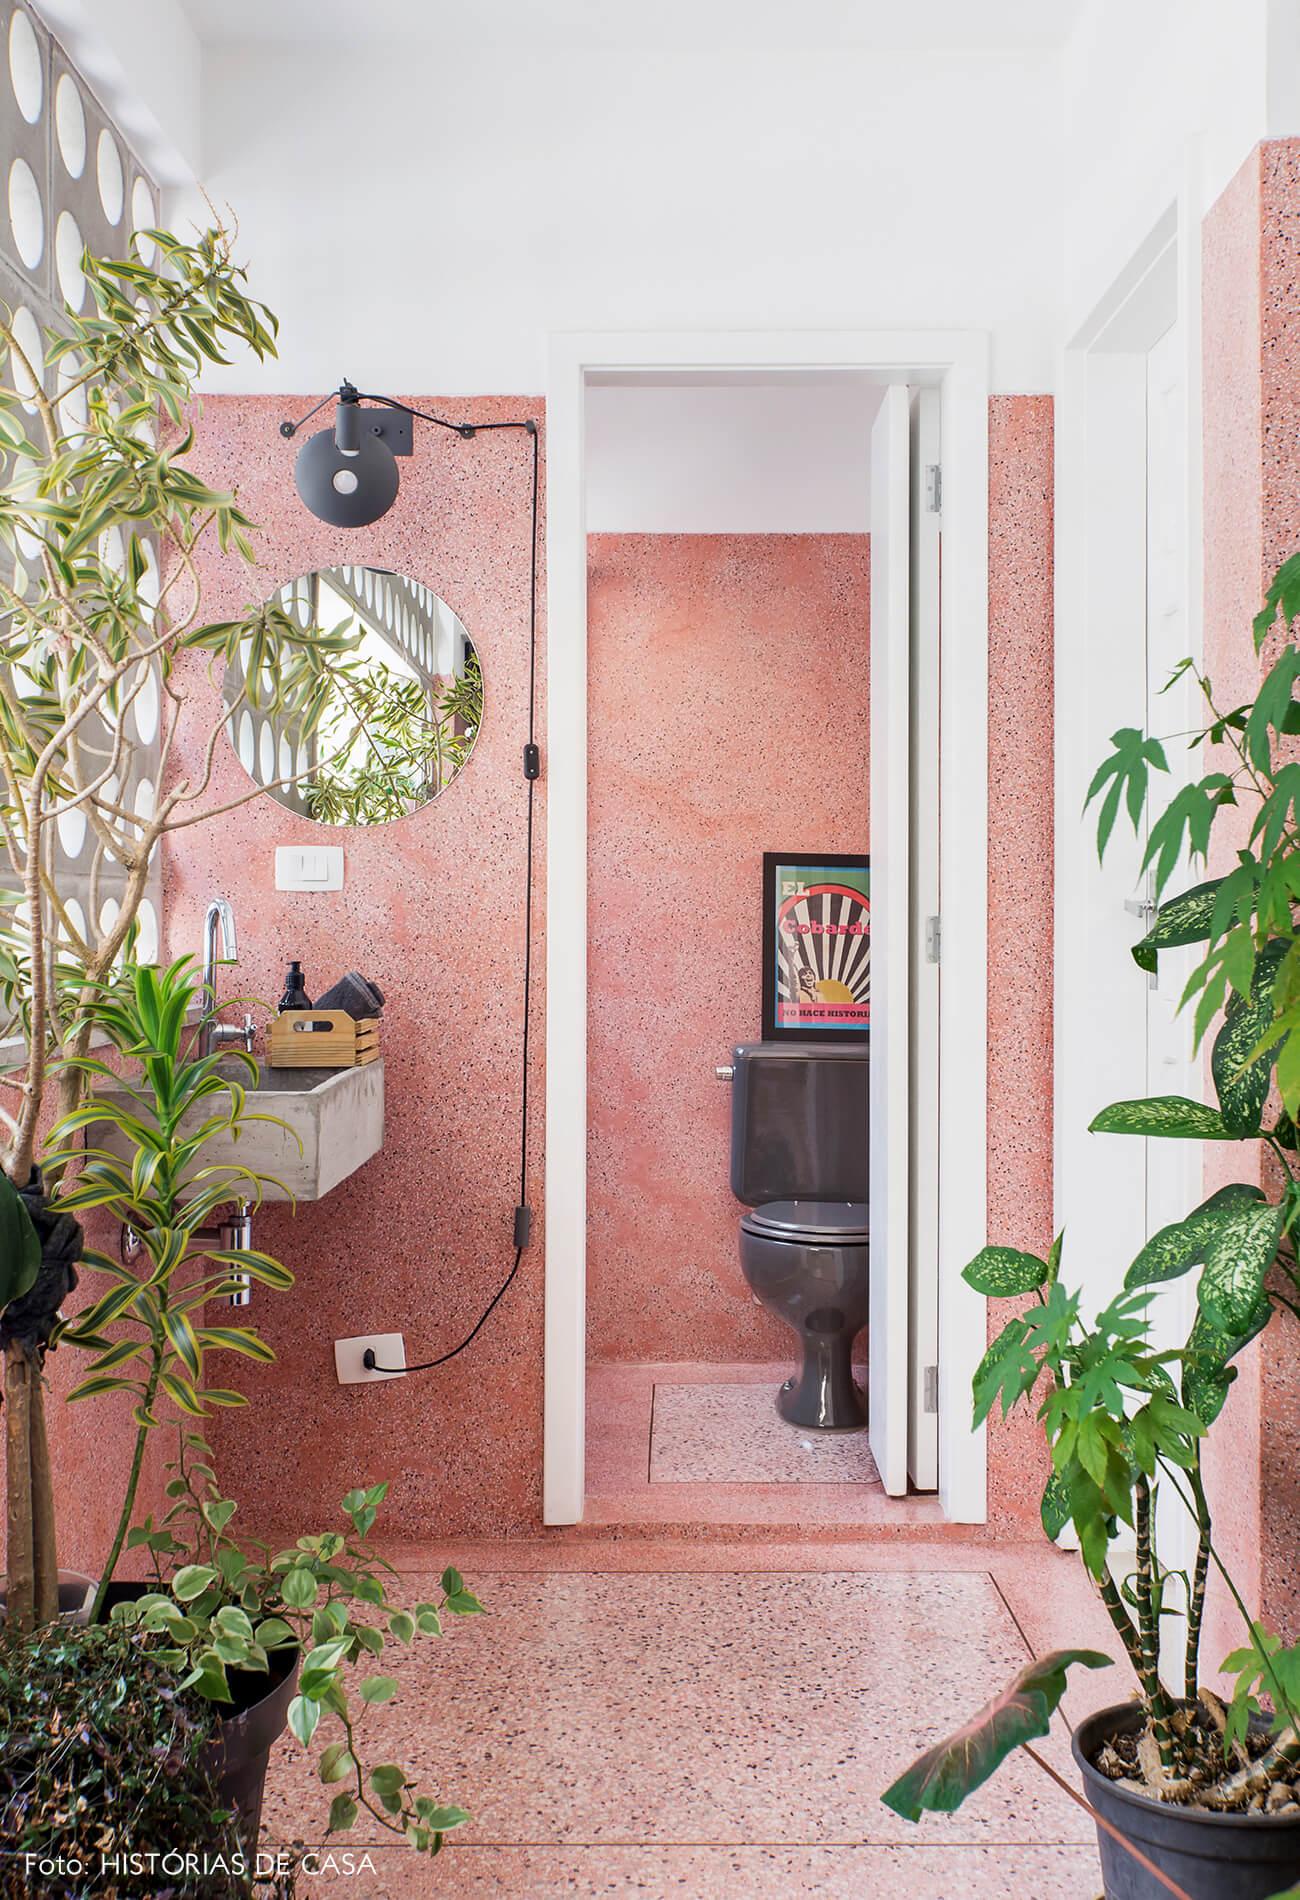 Banheiro com piso e paredes de granilite rosa e muitas plantas, plants on pink